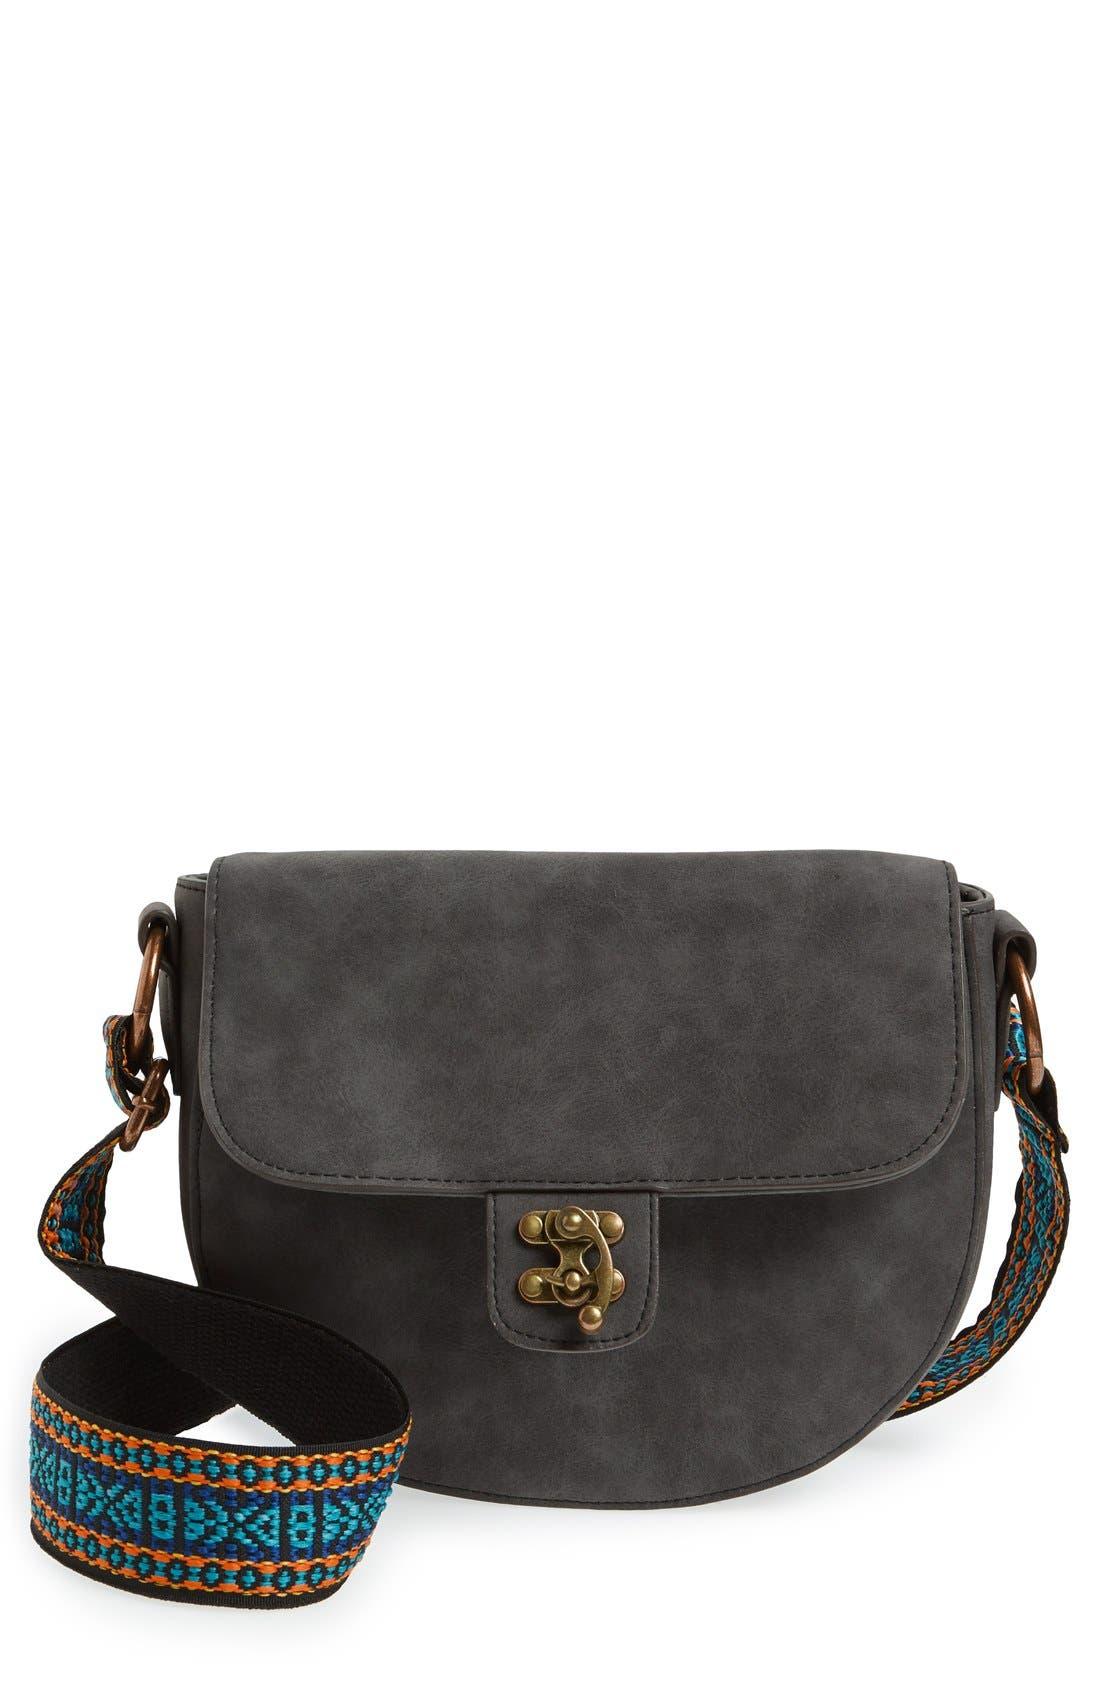 Alternate Image 1 Selected - Elle & Jae Gypset 'Marrakesh' Faux Suede Crossbody Bag